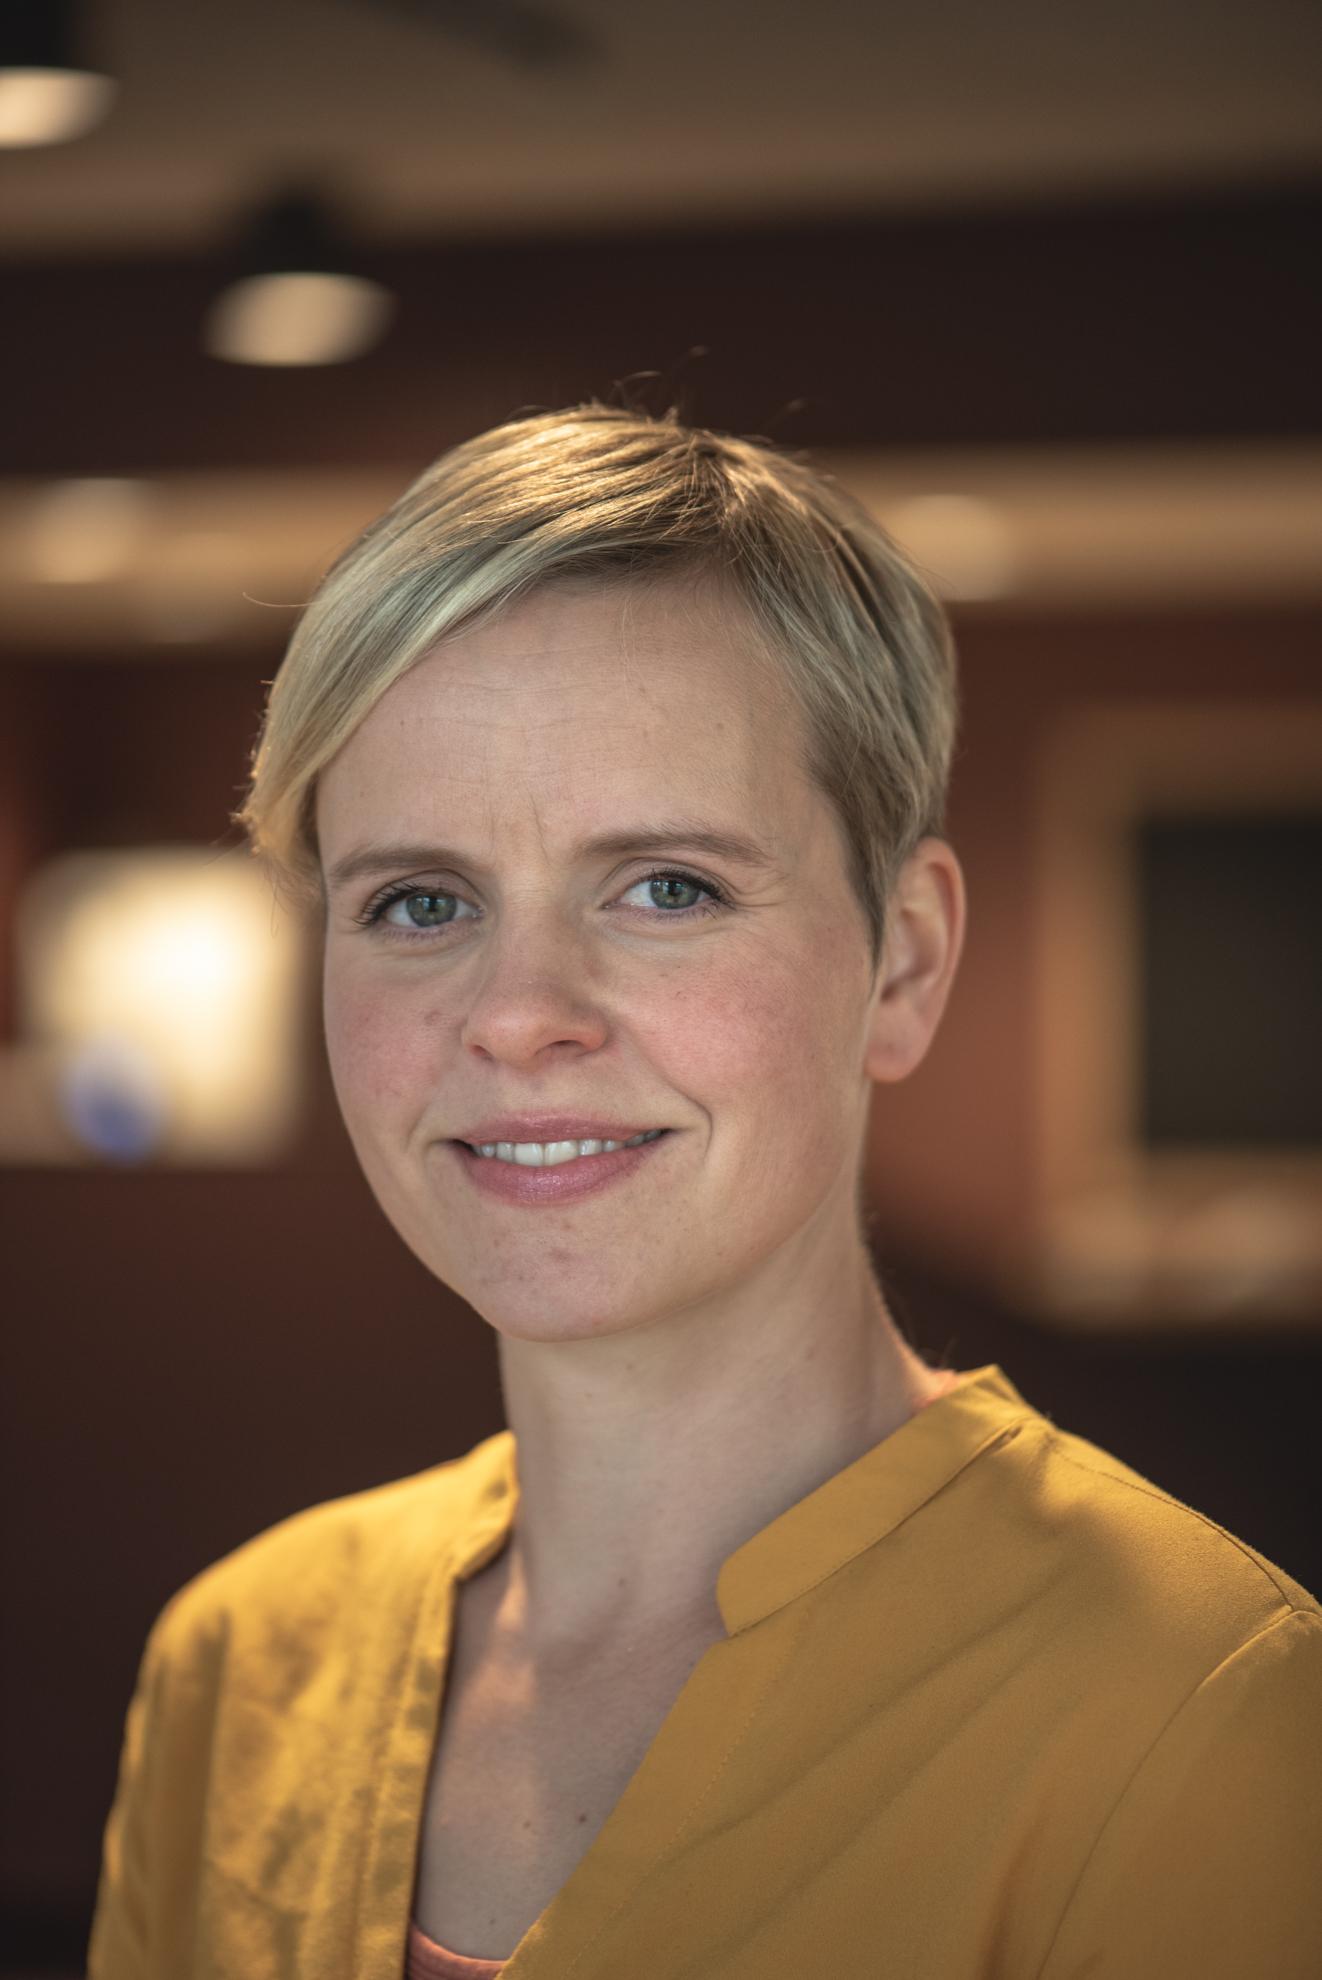 Ingvild Johanne Aarhus - Prosjektleder/rådgiver+47 405 52 401 · ingvild@skappa.noIngvild er utdannet innen aquaculture og ppu. Hun har bred erfaring fra oppdrettsnæringen, hvor hun har jobbet med forskning og utvikling innenfor teknologi og storskala produksjon. Hun er en erfaren prosjektleder og har blant annet vært med å etablere og drive næringsklyngen akvARENA. I Skåppå er hennes hovedområde prosjektledelse innenfor landbruks- og forskningsprosjekter. Hun er også Kompetansemegler for Forskningsrådet/Fylkeskommunen.Ingvild er sauebonde i Vestre Gausdal, og har kontorplass i Lillehammer.